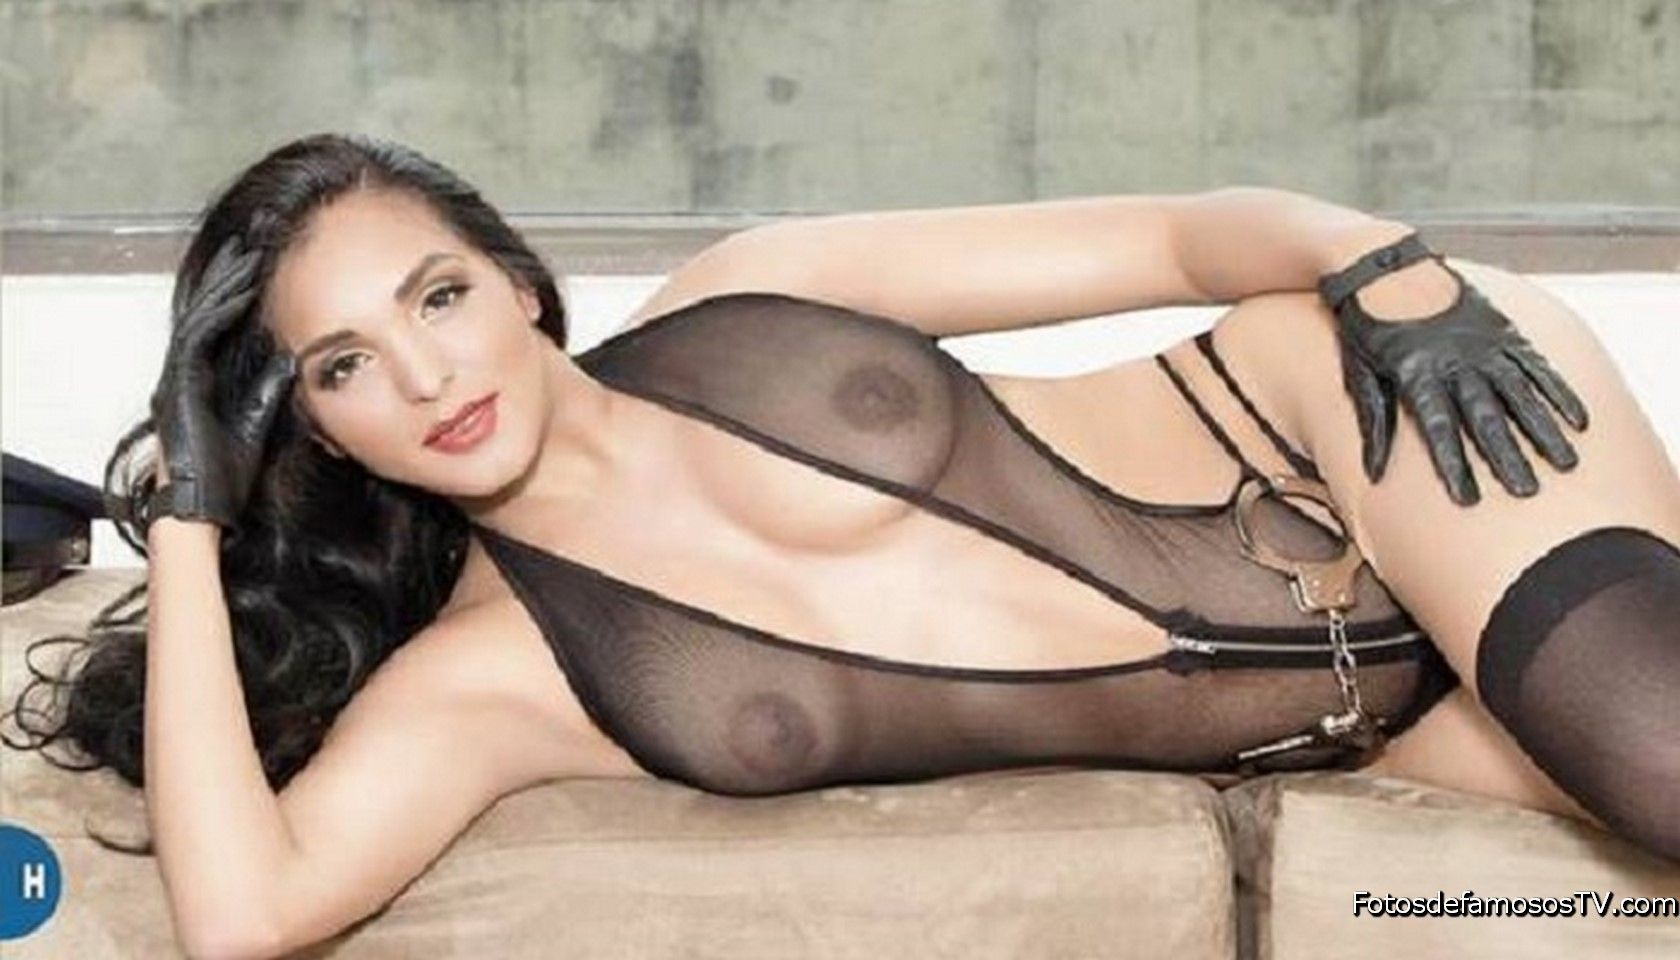 Nidia Garcia, La Polisex Desnuda En La Revista H  Fotos -5903